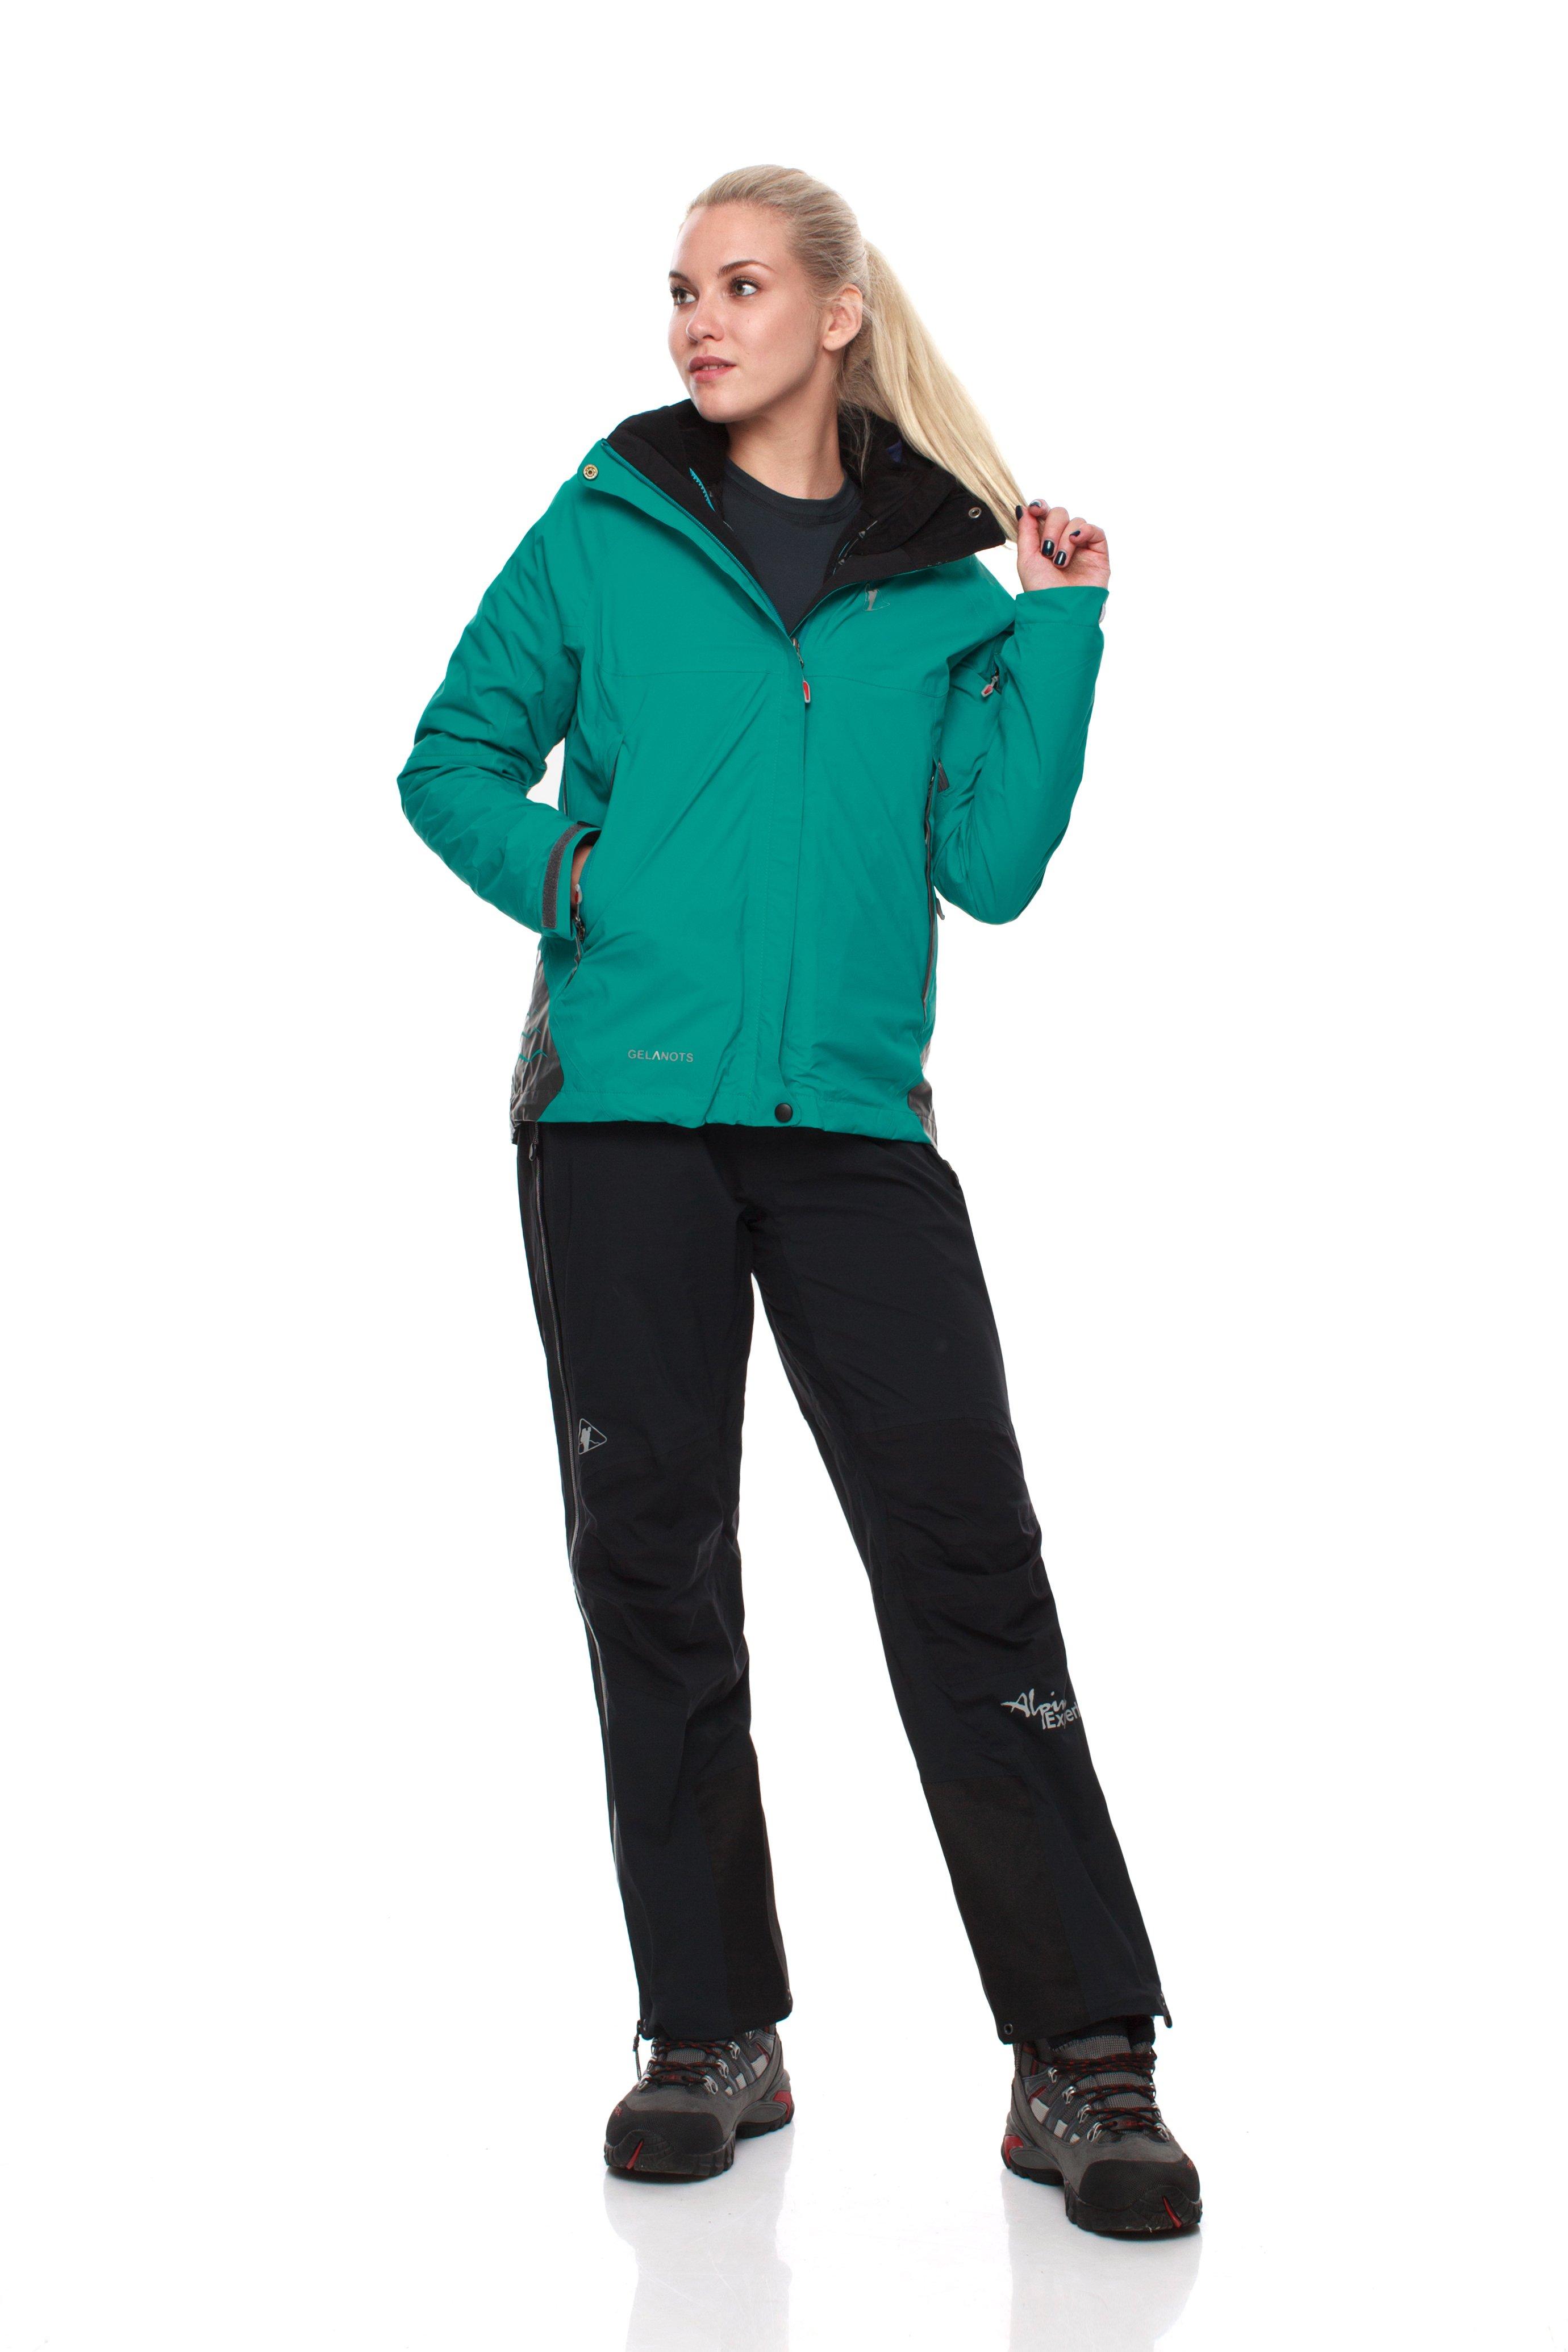 Куртка BASK KAMI LADY 3889Куртки<br><br><br>Верхняя ткань: Gelanots® 2L<br>Вес граммы: 1430<br>Ветро-влагозащитные свойства верхней ткани: Нет<br>Ветрозащитная планка: Нет<br>Ветрозащитная юбка: Нет<br>Влагозащитные молнии: Нет<br>Внутренние манжеты: Нет<br>Внутренняя ткань: Polyester Mesh, Nylon Taffeta<br>Дублирующий центральную молнию клапан: Нет<br>Защитный козырёк капюшона: Нет<br>Карман для средств связи: Нет<br>Объемный крой локтевой зоны: Нет<br>Отстёгивающиеся рукава: Нет<br>Пол: Женский<br>Проклейка швов: Нет<br>Регулировка манжетов рукавов: Нет<br>Регулировка низа: Нет<br>Регулировка объёма капюшона: Нет<br>Регулировка талии: Нет<br>Регулируемые вентиляционные отверстия: Нет<br>Световозвращающая лента: Нет<br>Технология Thermal Welding: Нет<br>Усиление контактных зон: Нет<br>Размер INT: XS<br>Цвет: ЗЕЛЕНЫЙ